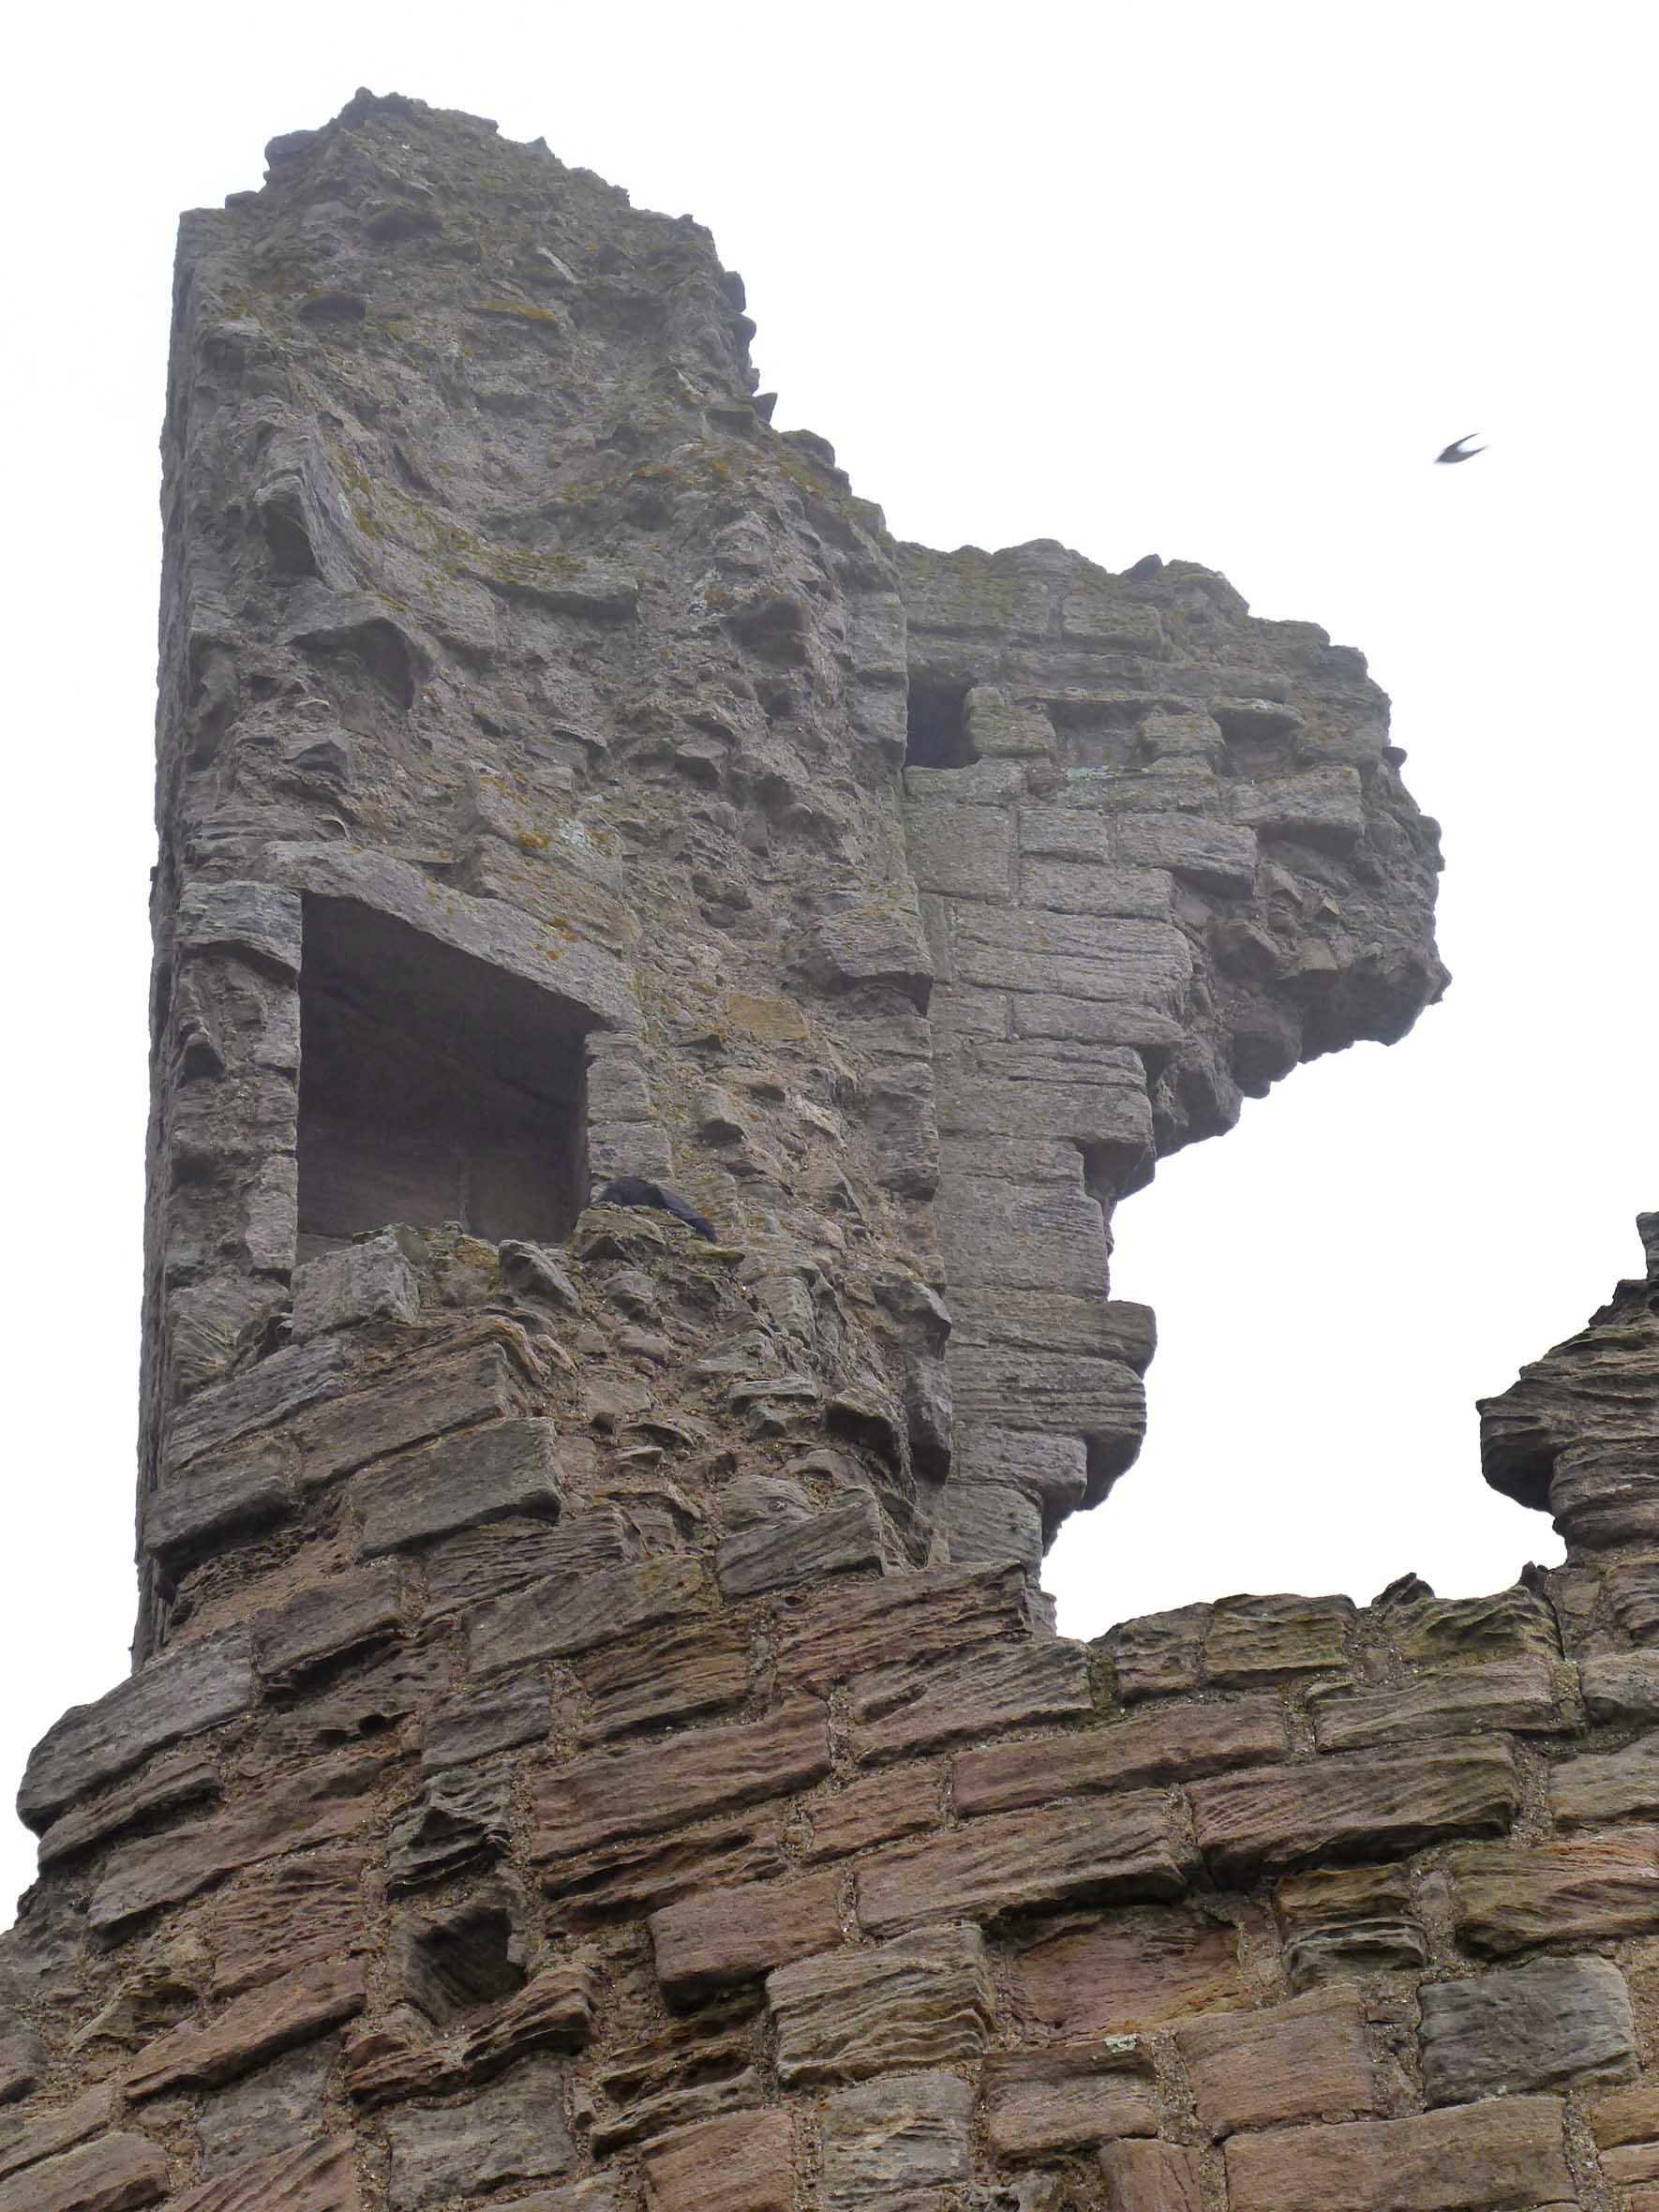 Looking up at ruined wall